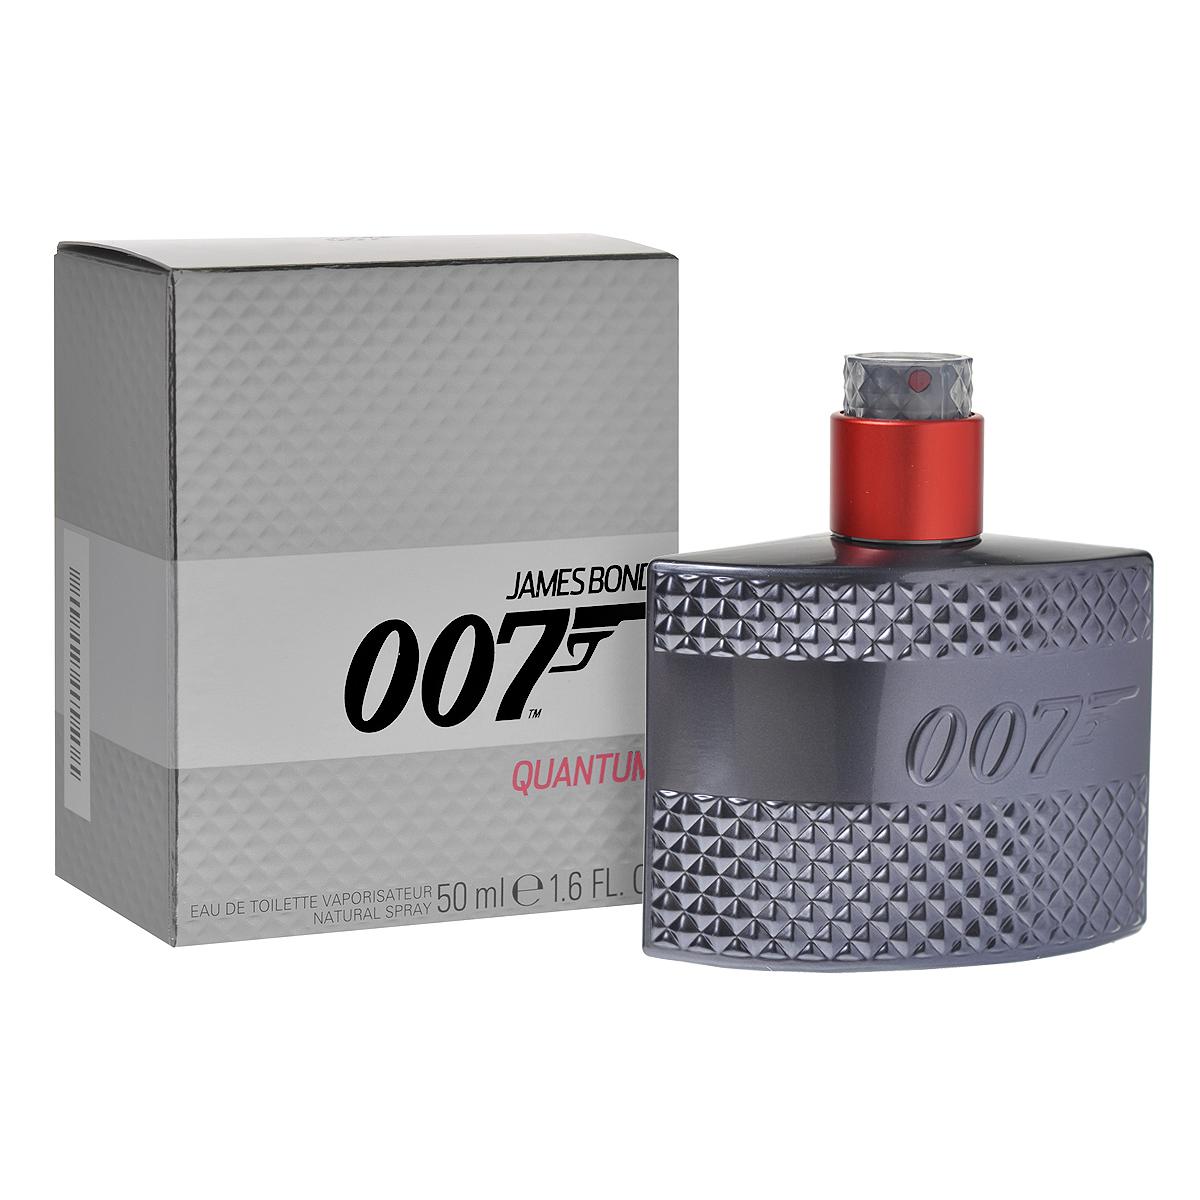 James Bond Туалетная вода Quantum, мужская, 50 мл0737052739335Аромат Quantum - третий аромат парфюмерной линии James Bond 007. Это по-настоящему мужественная бодрящая композиция, посвященная умению Бонда оставаться невозмутимым в самых напряженных ситуациях. Уже более пятидесяти лет агент 007 завораживает зрителей своей фантастической уверенностью и неизменной способностью сохранять хладнокровие при любых обстоятельствах, всегда и везде. Аромат James Bond 007 Quantum бодрит тело и ум, позволяя вам с уверенностью принимать вызовы судьбы. Quantum - бодрящий и очень мужественный аромат, включающий только лучшие ингредиенты. В нем воплощены отличительные качества Бонда - уверенность и самоконтроль. Эти две черты переданы в композиции с помощью двух этапов раскрытия аромата. Quantum открывается мужественными классическими аккордами, над которыми не властны время и мода. Классификация аромата : фруктовый, цветочный. Пирамида аромата : Верхние ноты: бергамот, кардамон, ягоды...